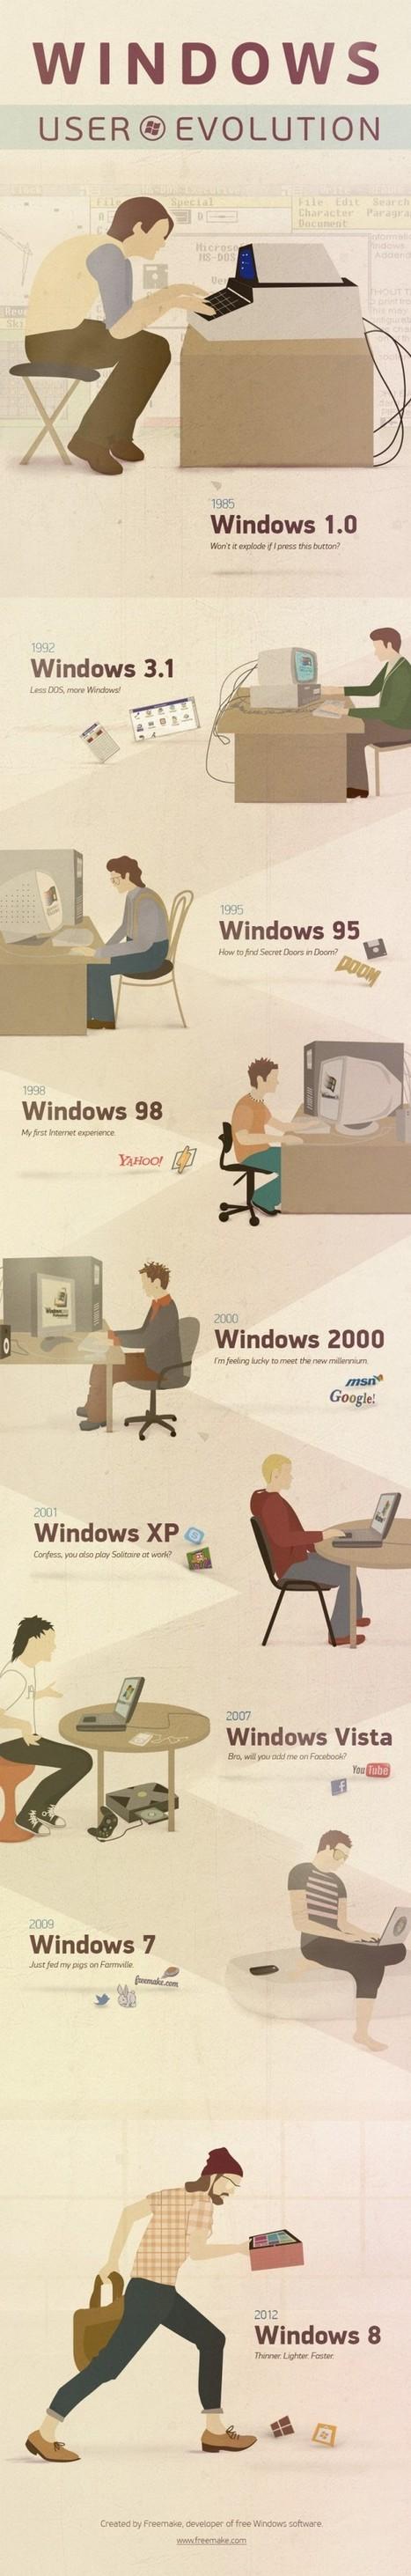 Infographie : évolution de l'utilisateur Windows de 1985 à 2012 | Retail Industry Trends | Scoop.it